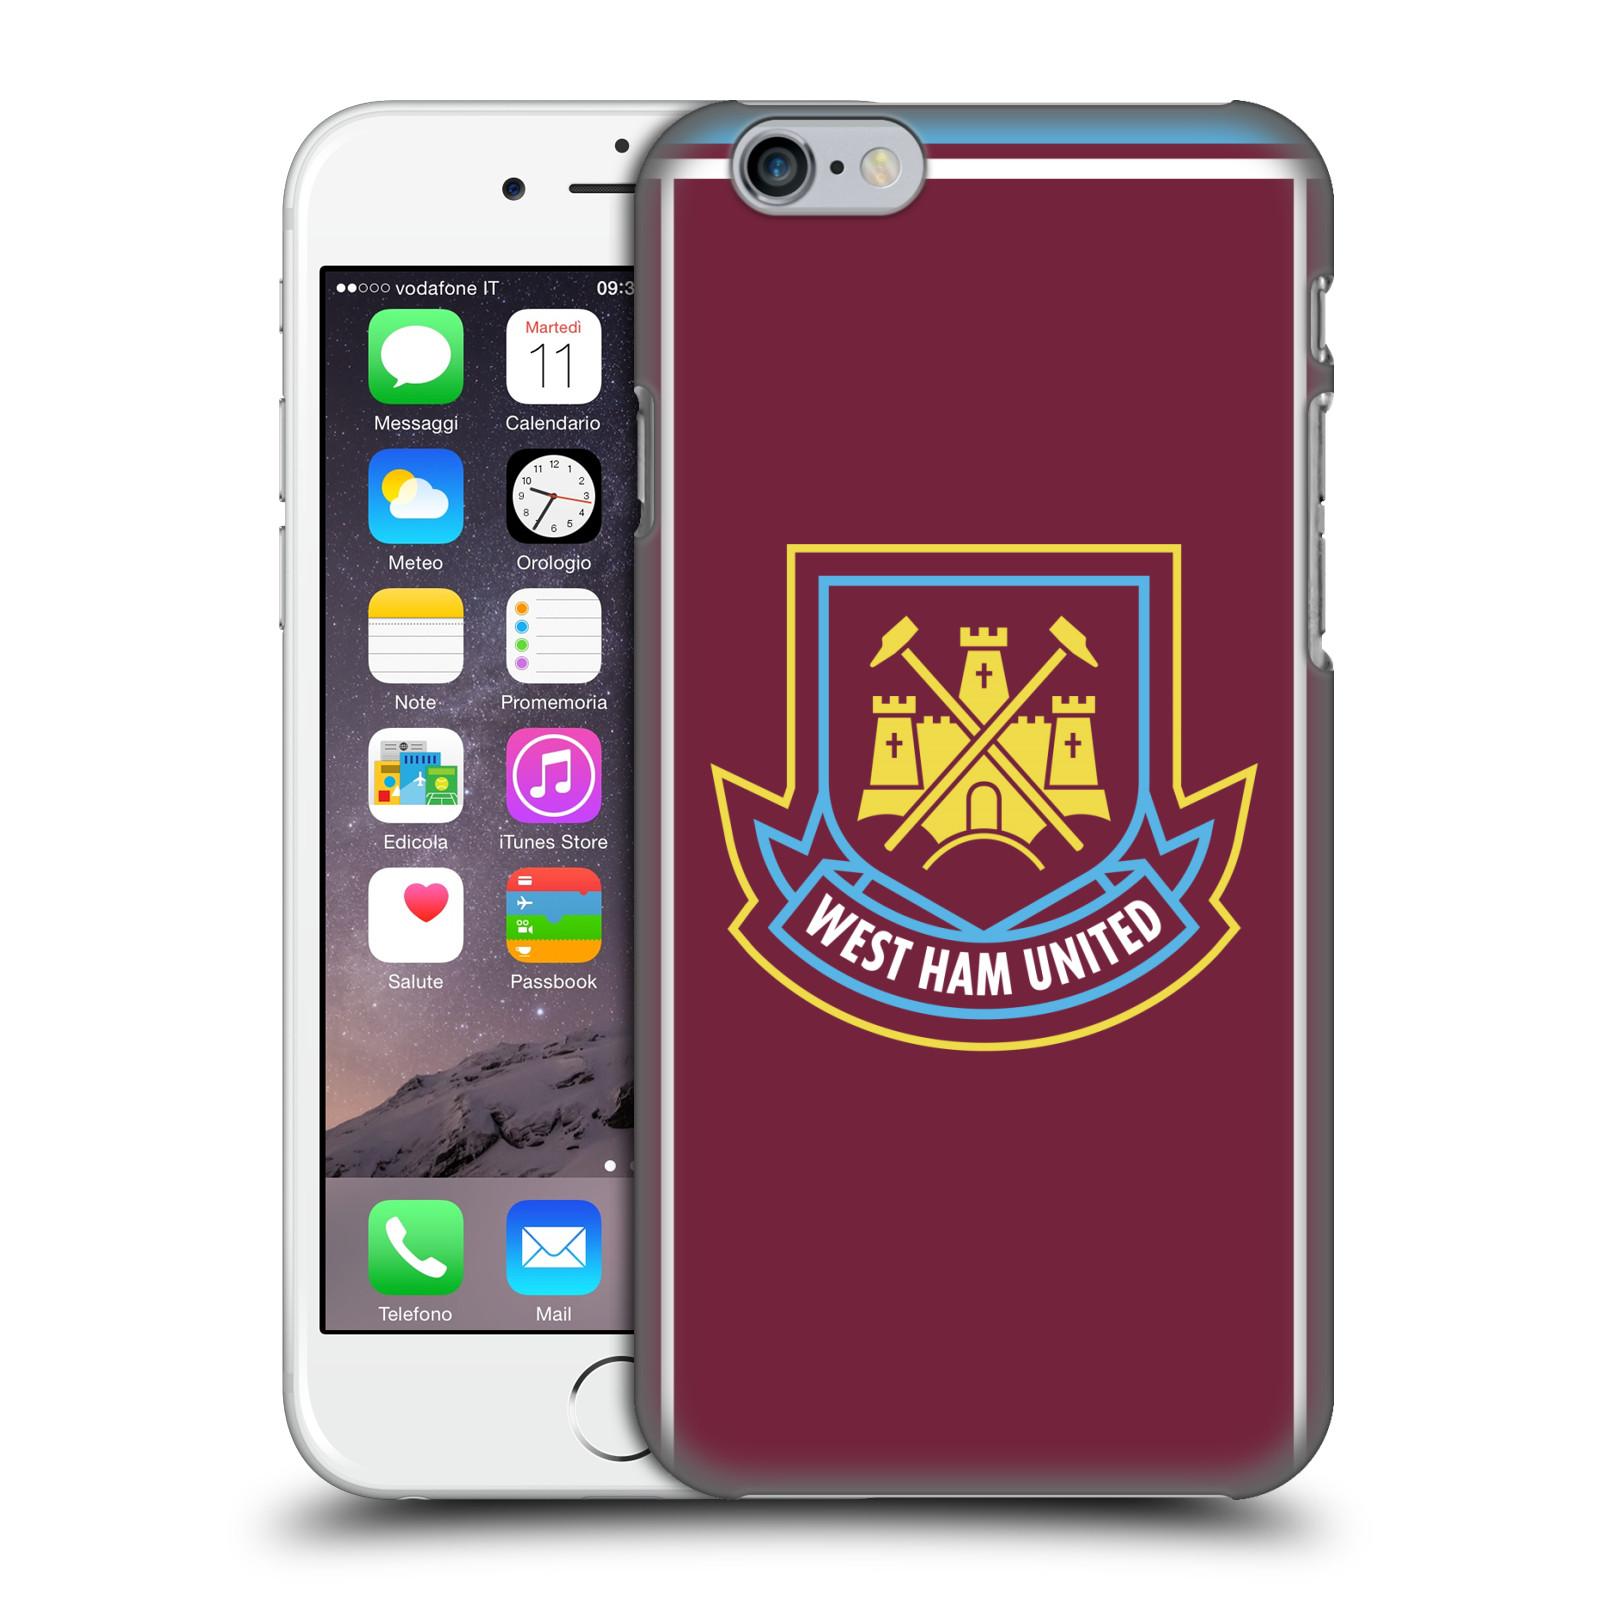 Plastové pouzdro na mobil Apple iPhone 6 - Head Case - West Ham United - Retro znak (Plastový kryt či obal na mobilní telefon s motivem West Ham United - Kladiváři - Retro znak pro Apple iPhone 6)